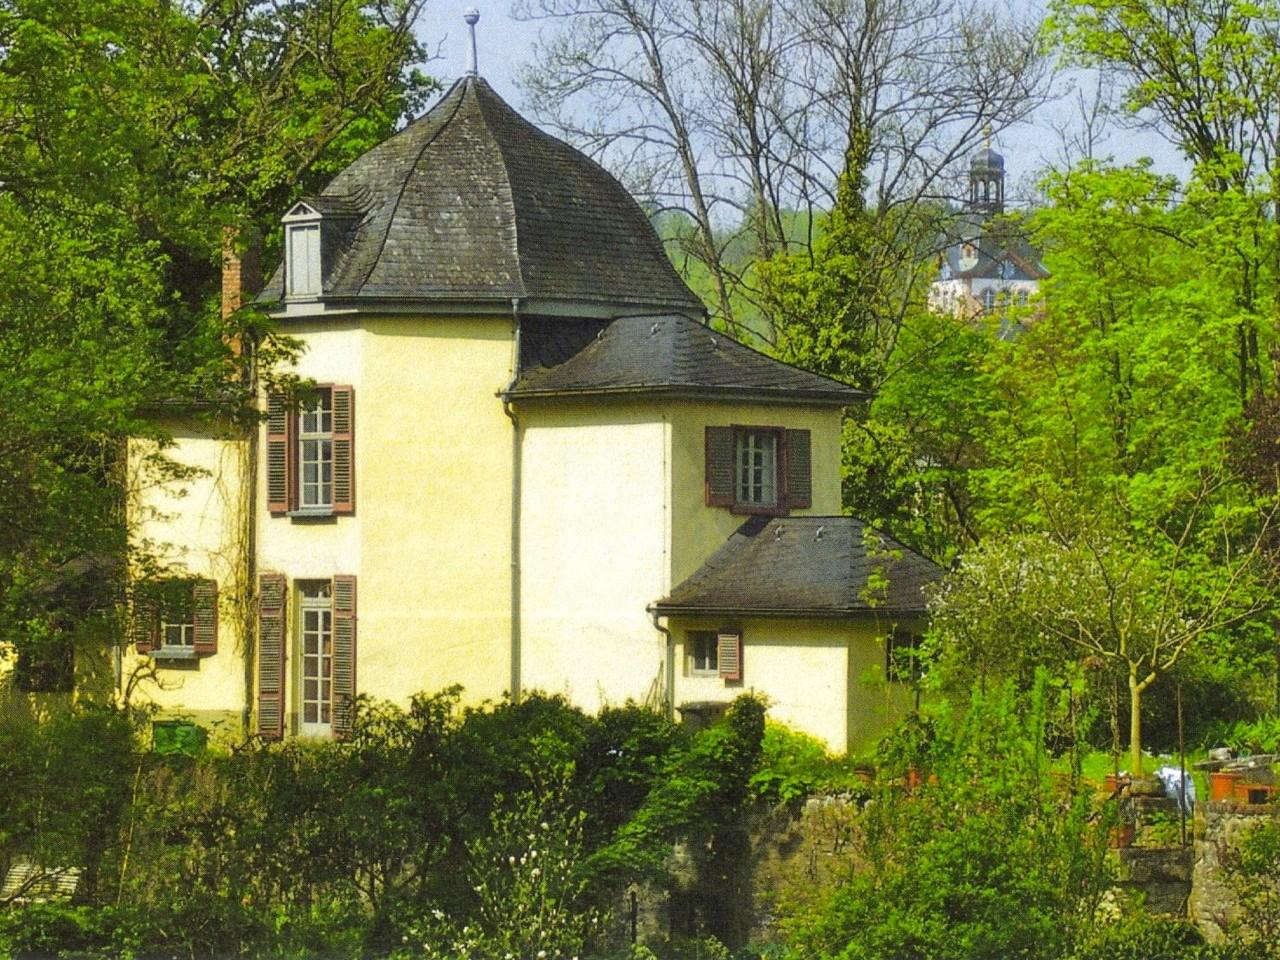 Der erste Leiter des Oberforstamtes Weilburg, August Freiherr zu Bibra, ließ 1811 das Teehaus im Karlsberg erbauen. Der Karlsberg liegt zwischen Weilburg und dem Windhof und gehörte im 19. Jahrhundert der Familie von Dungern.